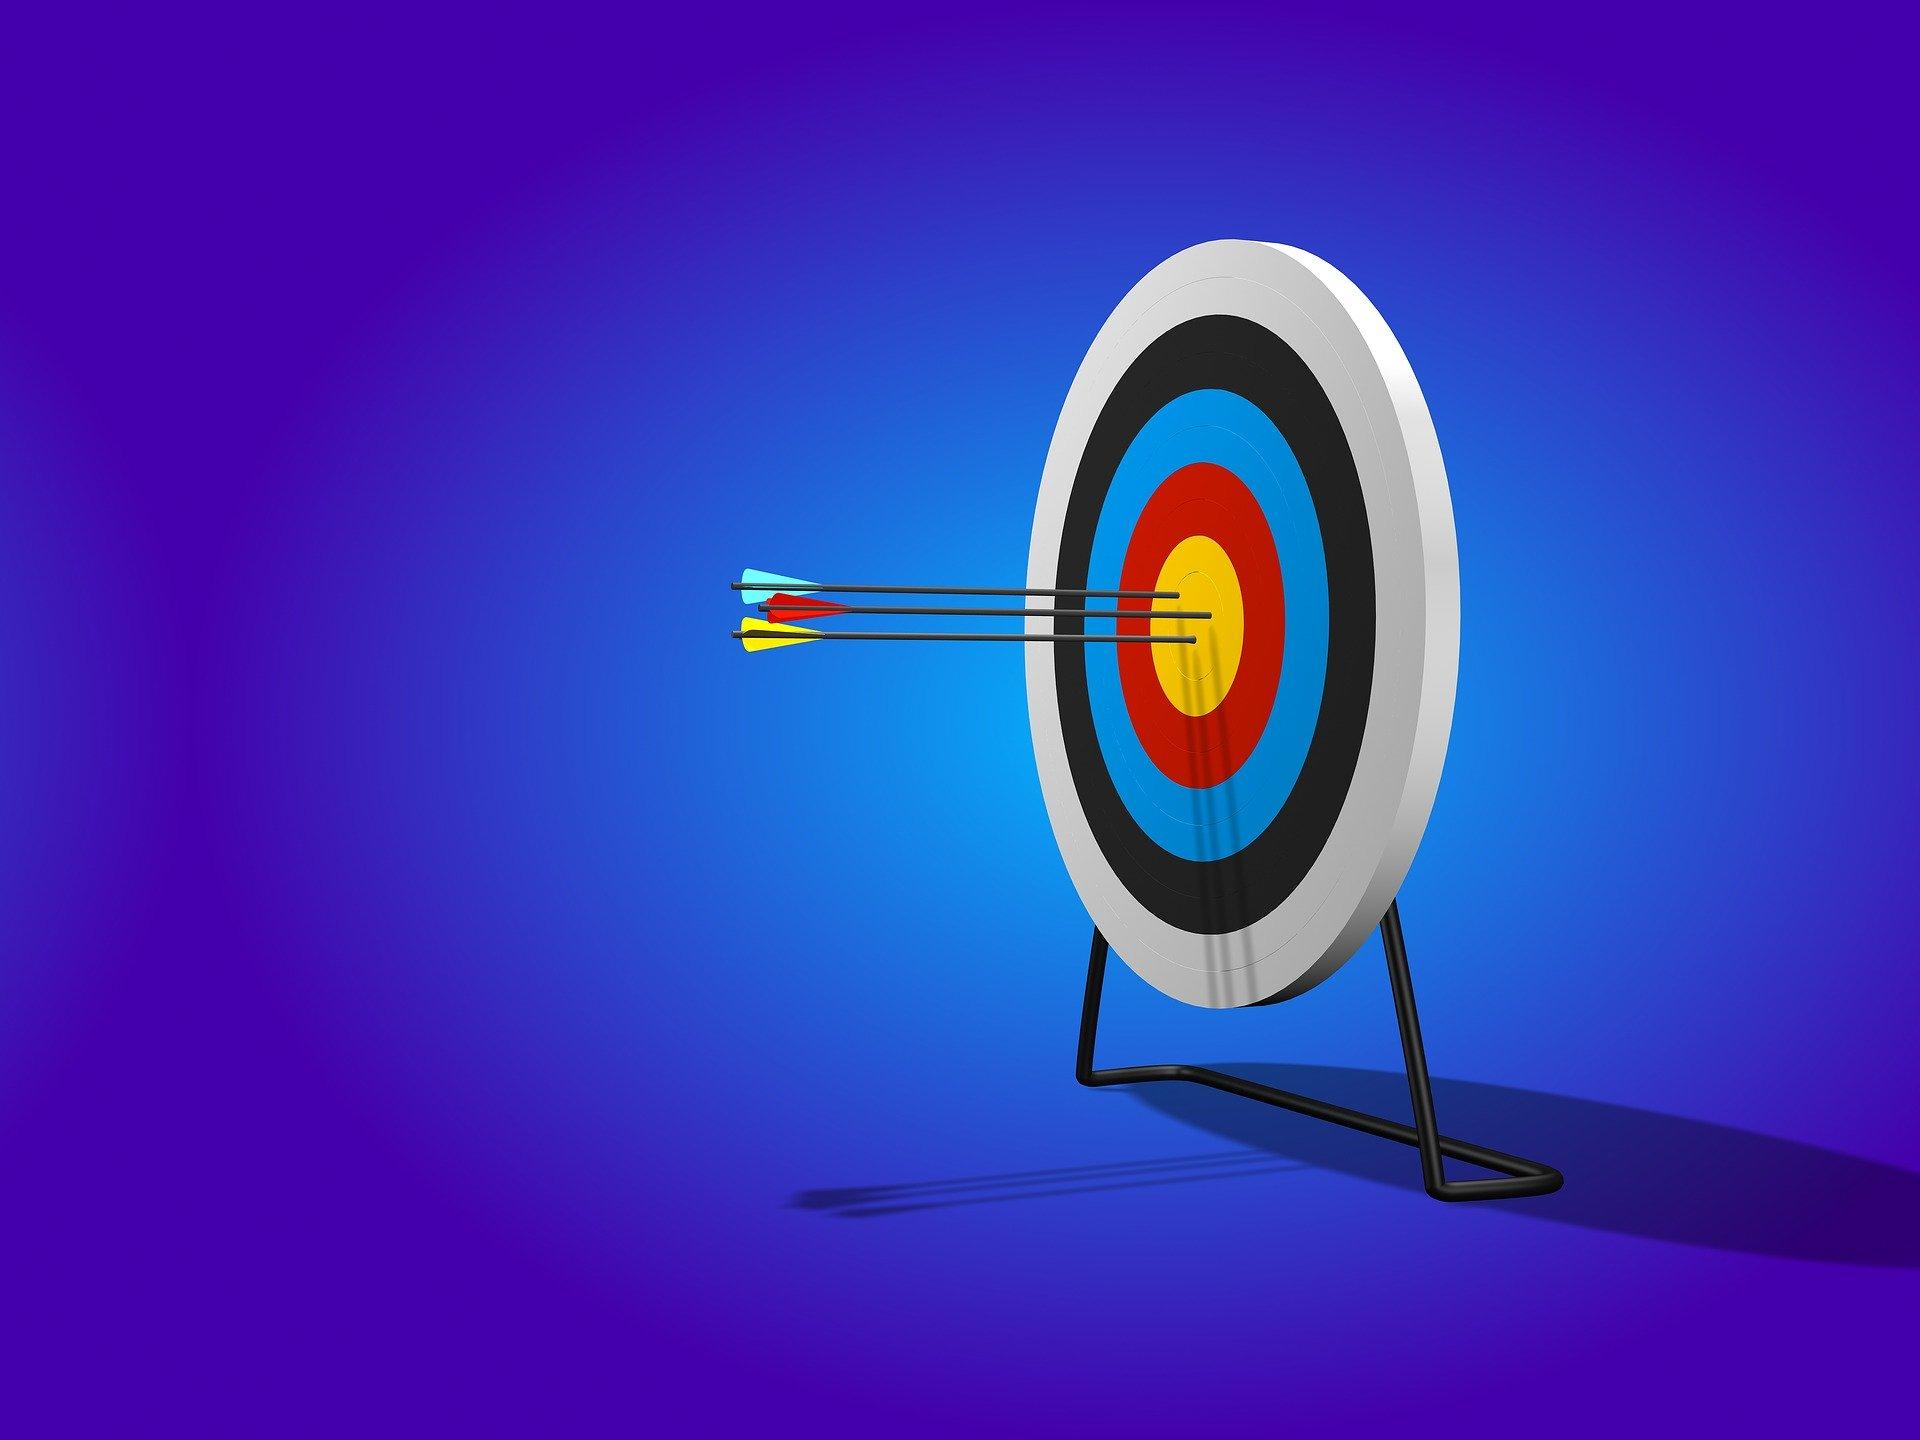 arrow-2889040_1920 (1)